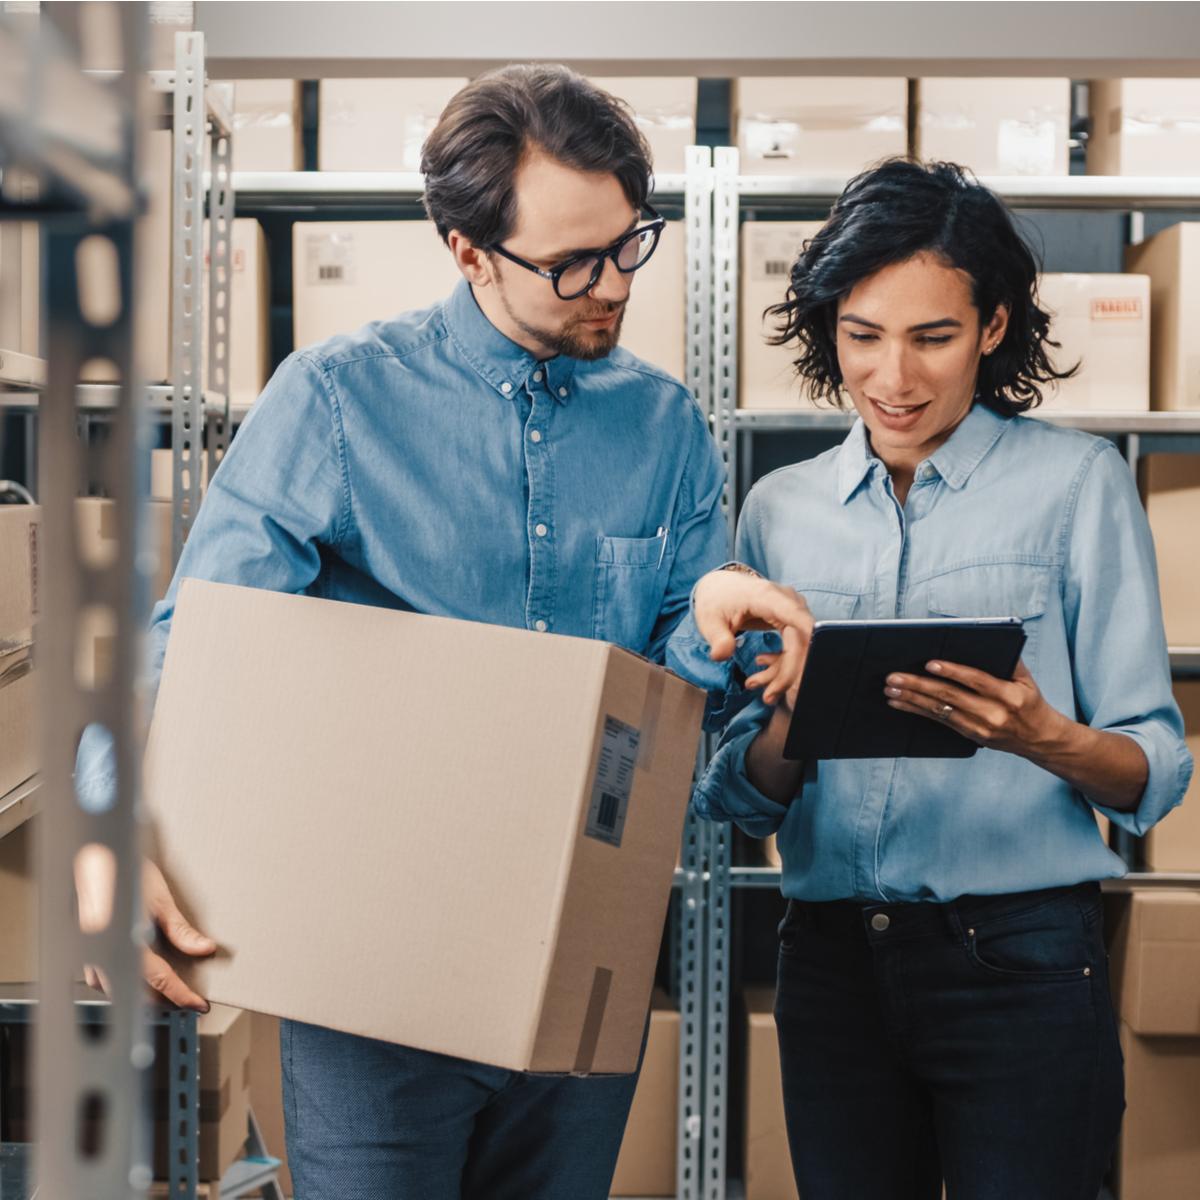 Hoe zorg je voor een toekomstbestendige B2B-supply chain?